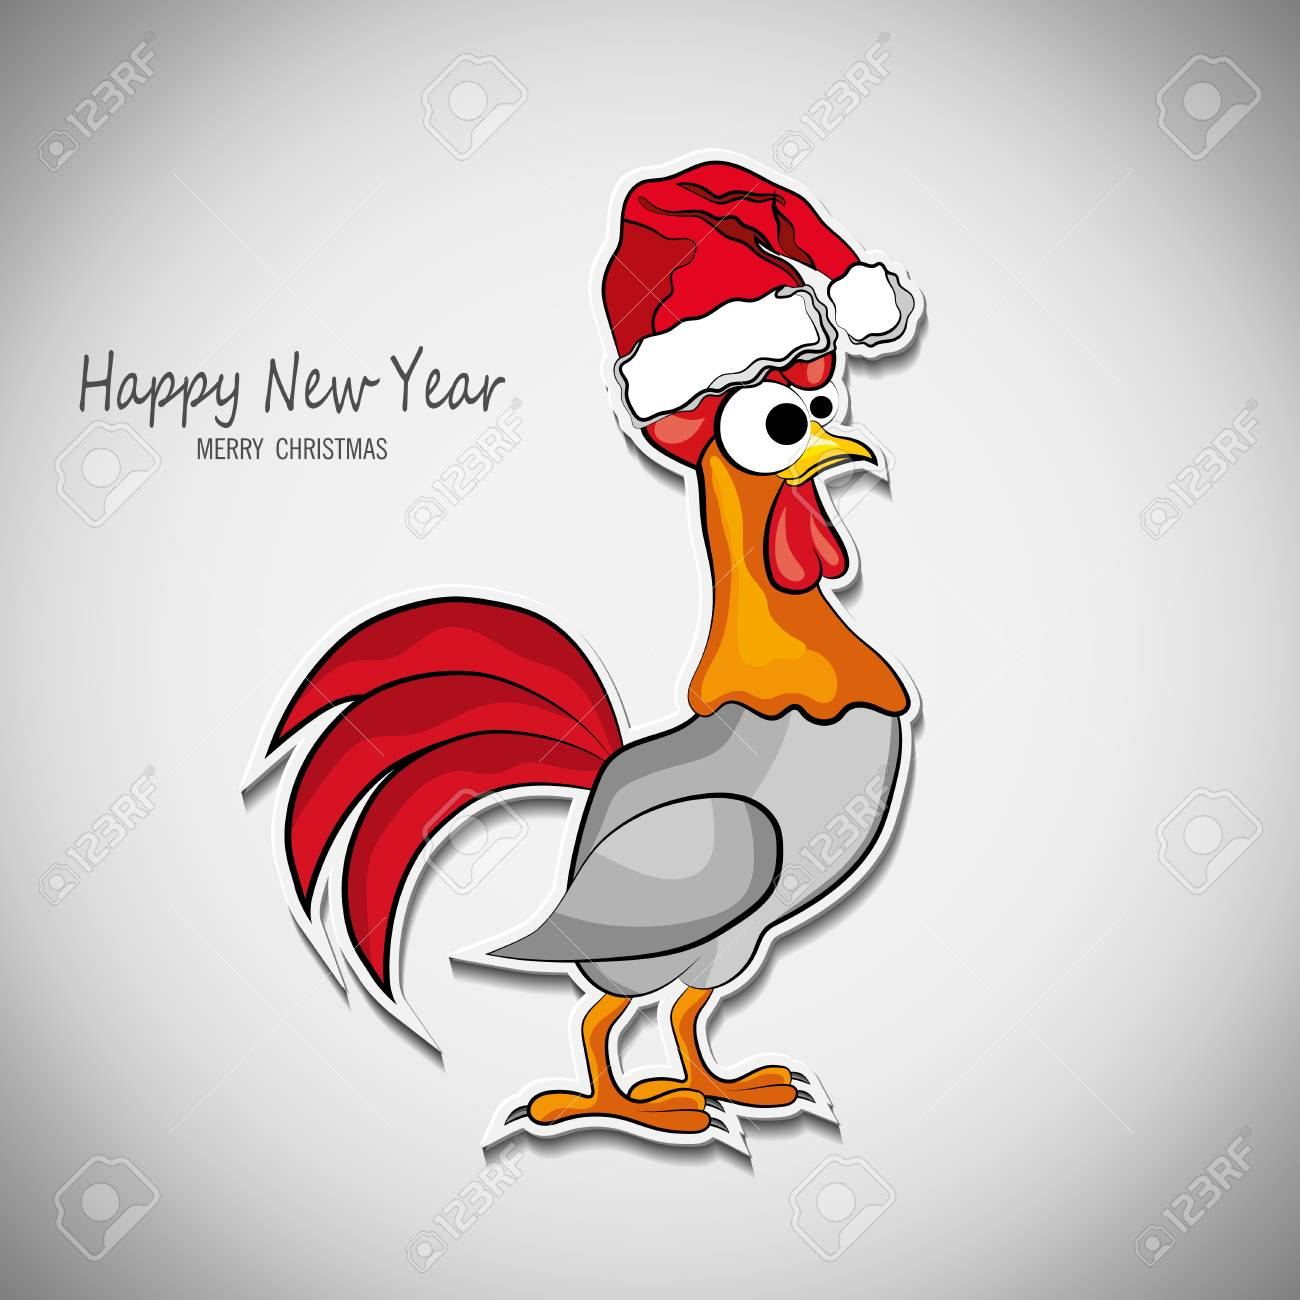 Entwurf Für Eine Begrüßung Des Neuen Jahres 2017 Mit Einem Hahn ...